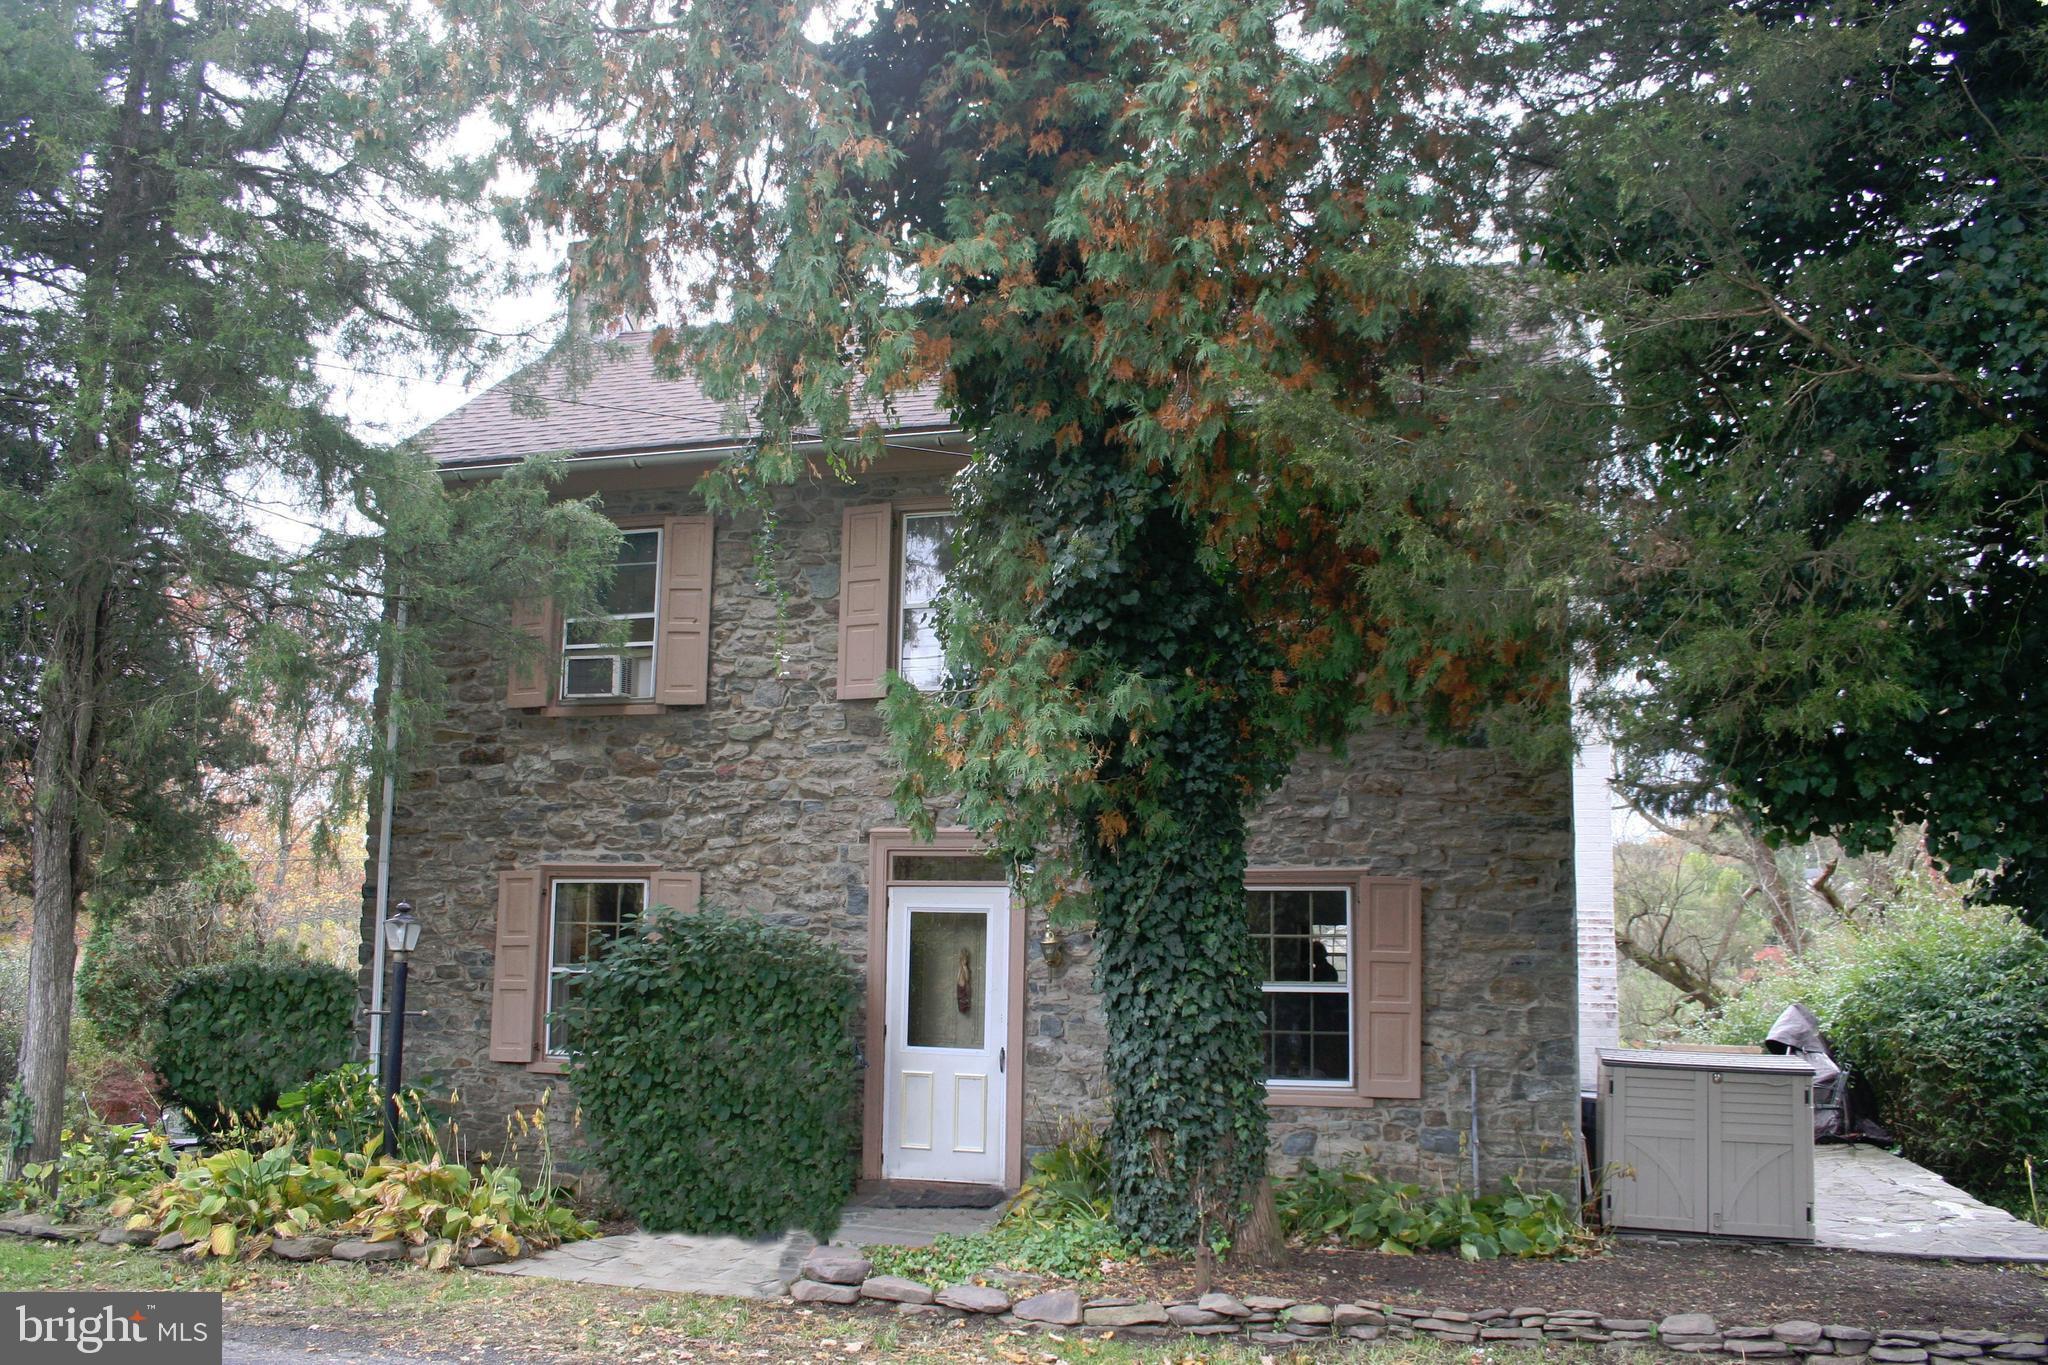 724 DURHAM ROAD, RIEGELSVILLE, PA 18077